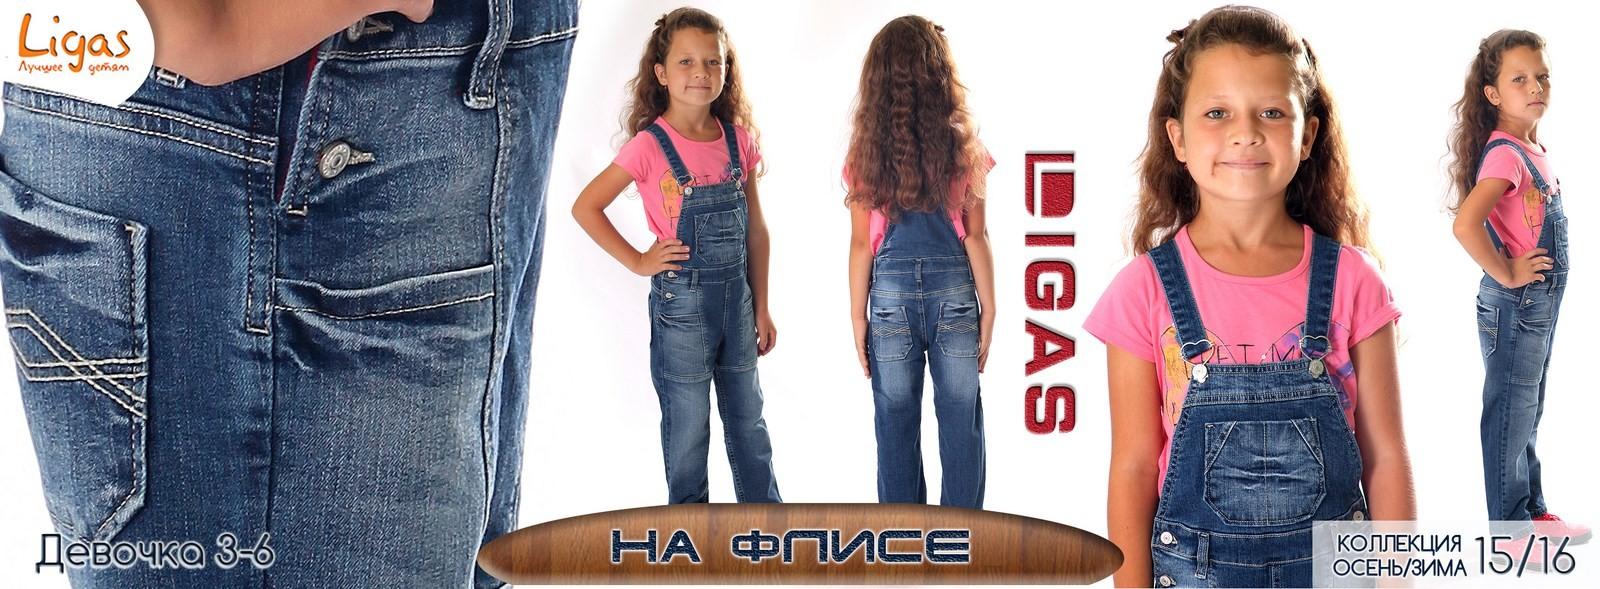 Сбор заказов-8. Распродажа коллекции прошлого года детской джинсовой и вельветовой одежды ТМ Ligas, Fabex, Republik